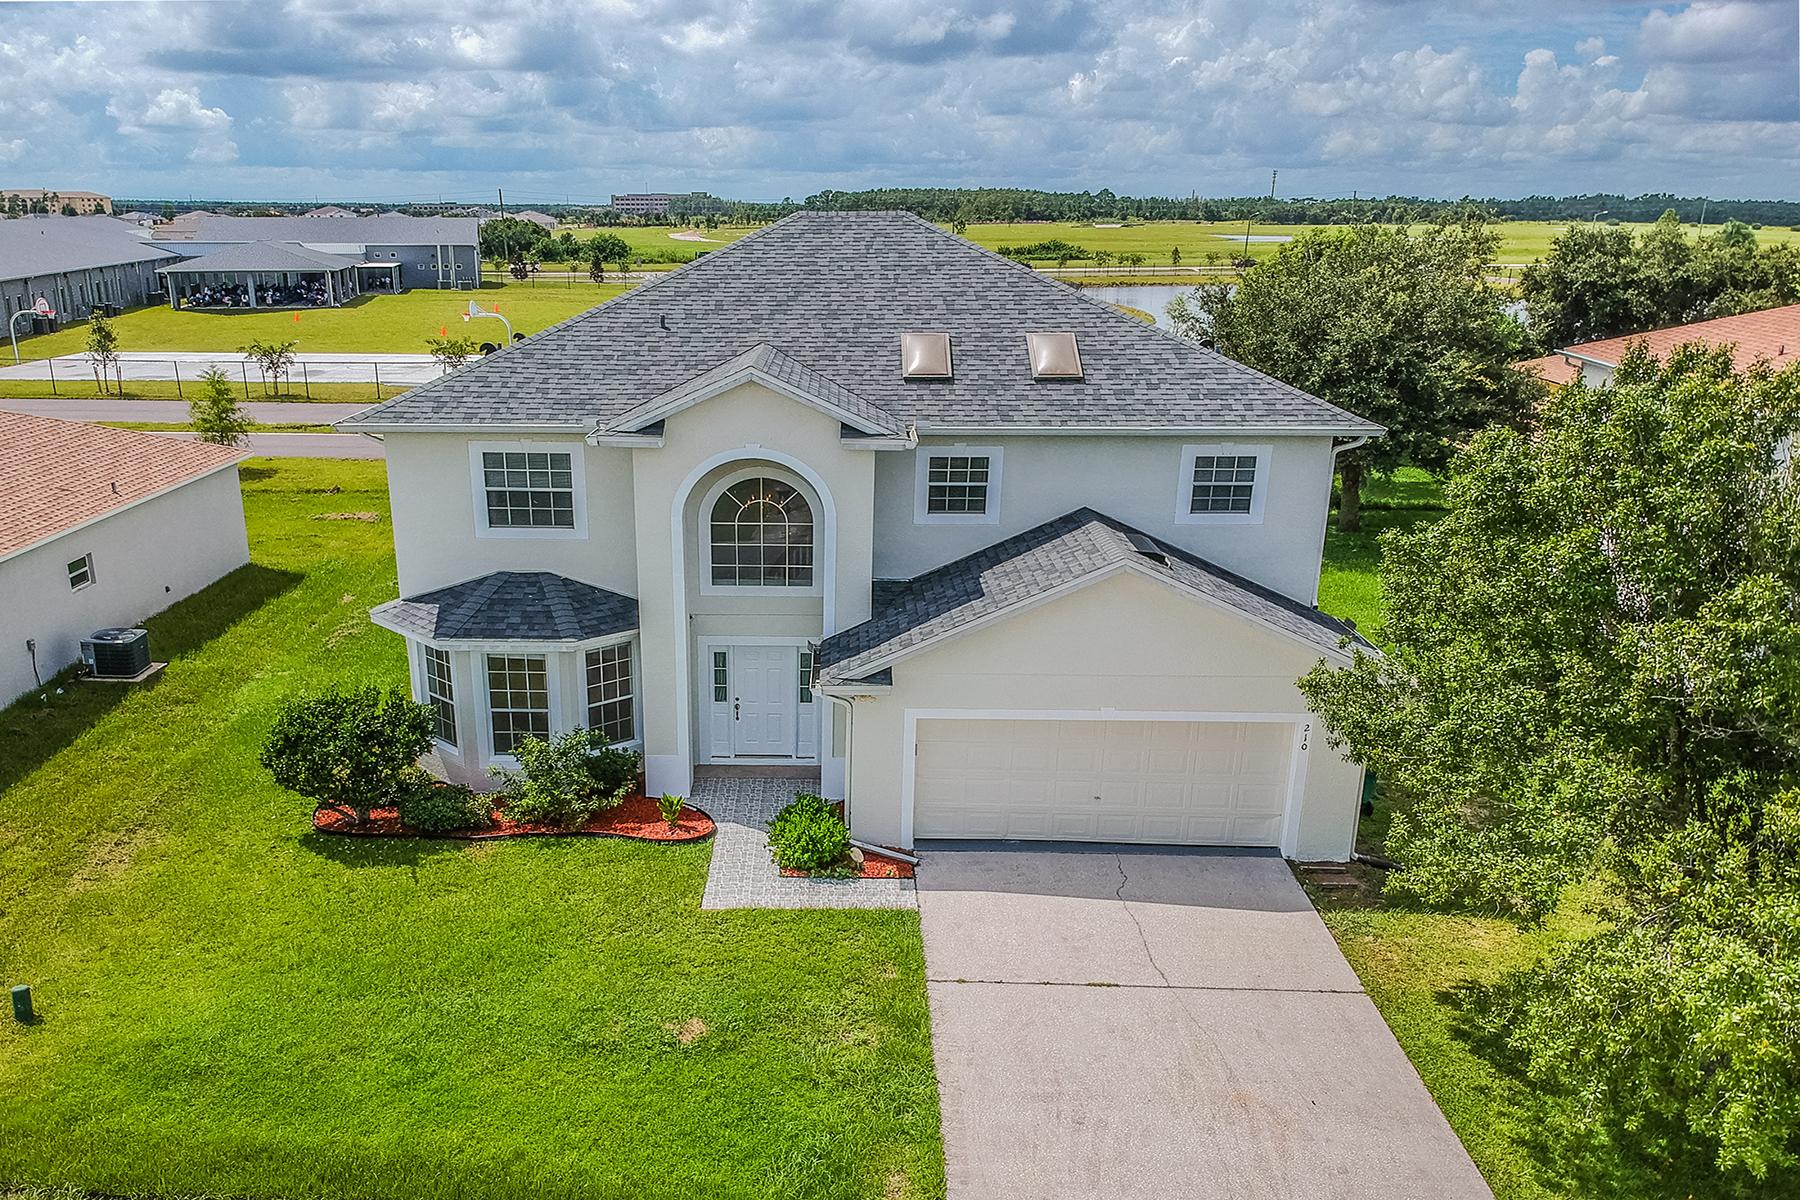 一戸建て のために 売買 アット KISSIMMEE-ORLANDO 210 Genoa Ct Kissimmee, フロリダ 34758 アメリカ合衆国